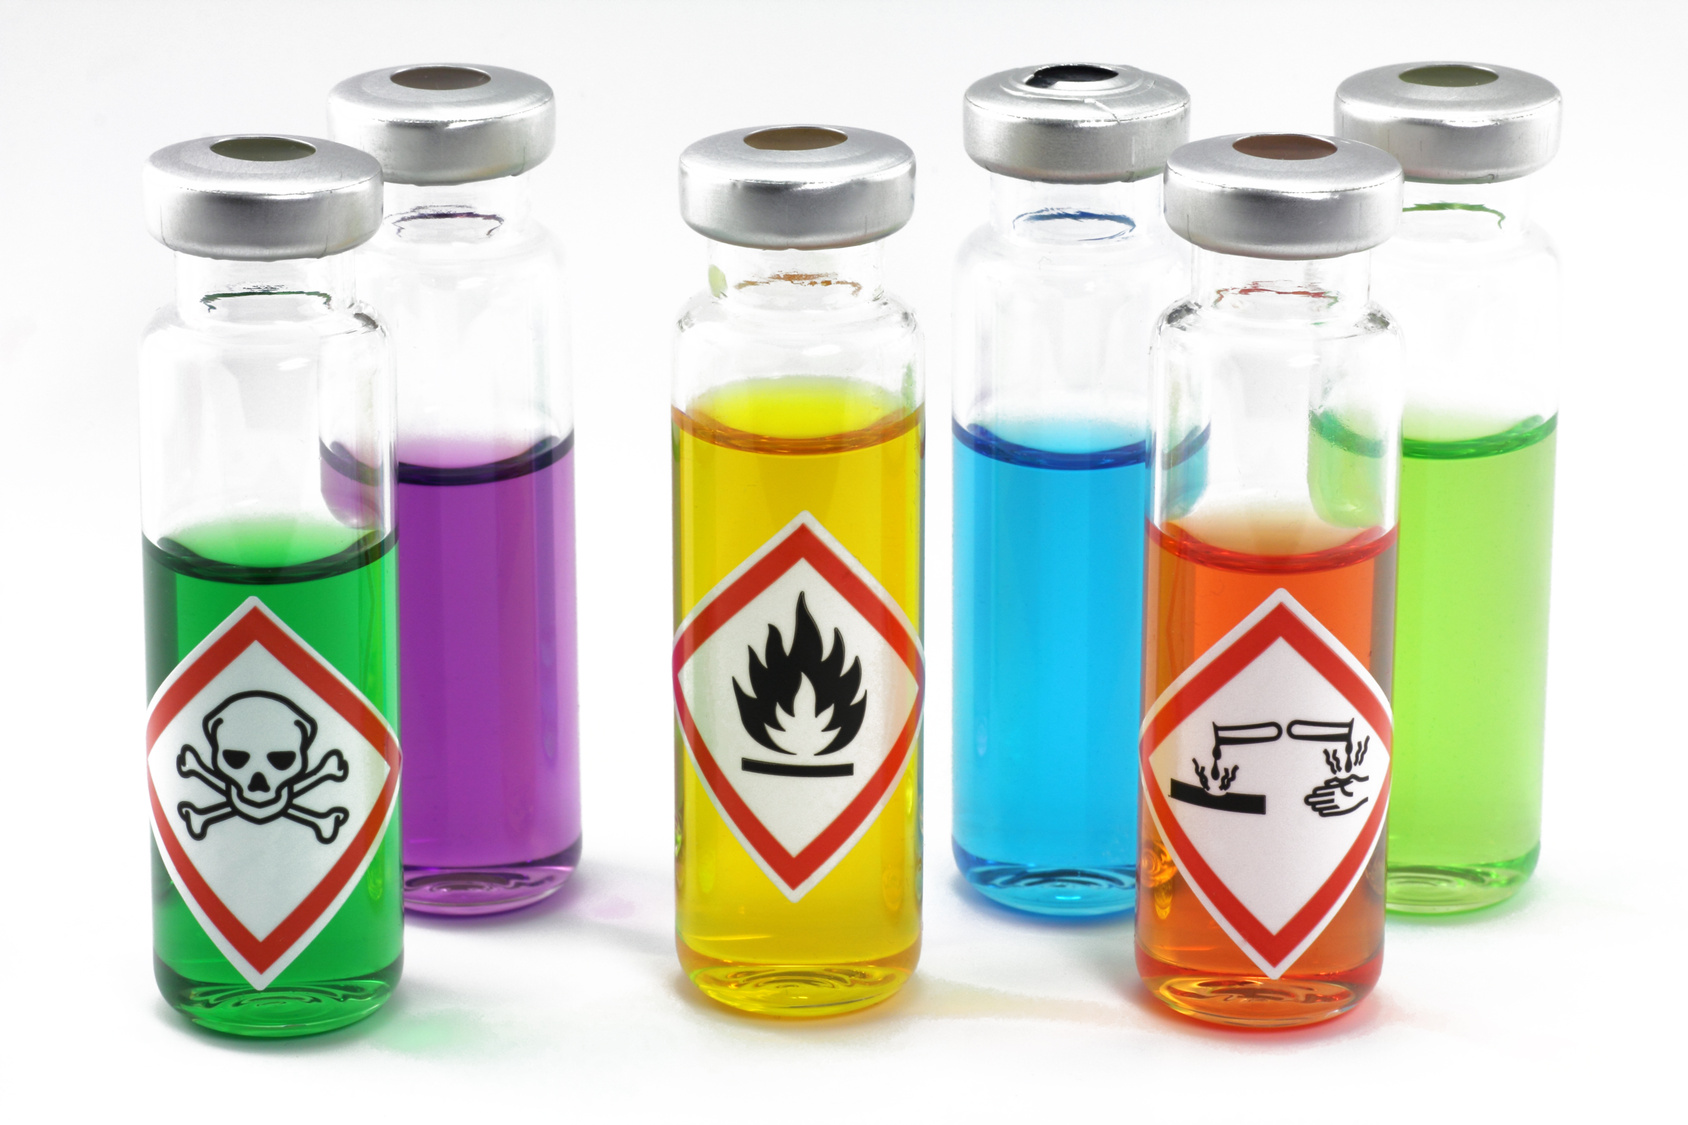 Agents chimiques dangereux